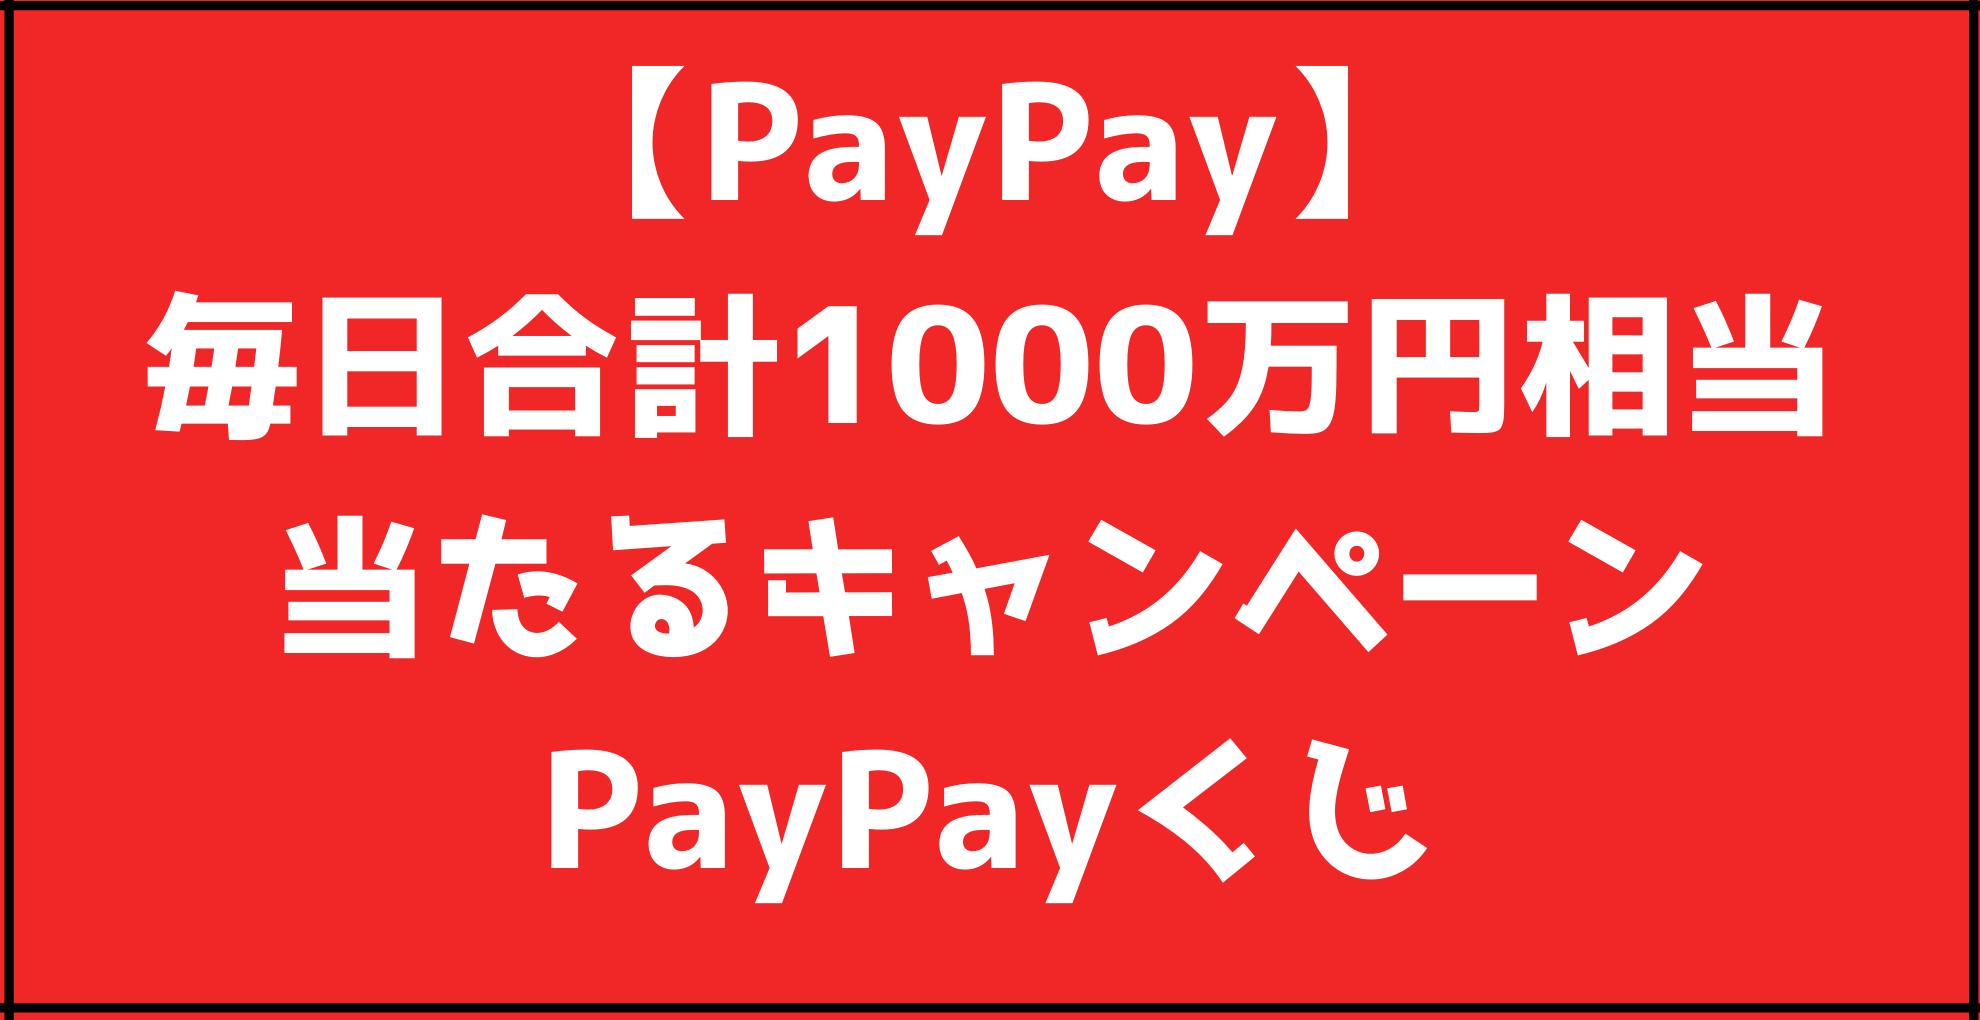 【PayPay】毎日合計1000万円相当が当たる期間限定キャンペーン PayPayくじ